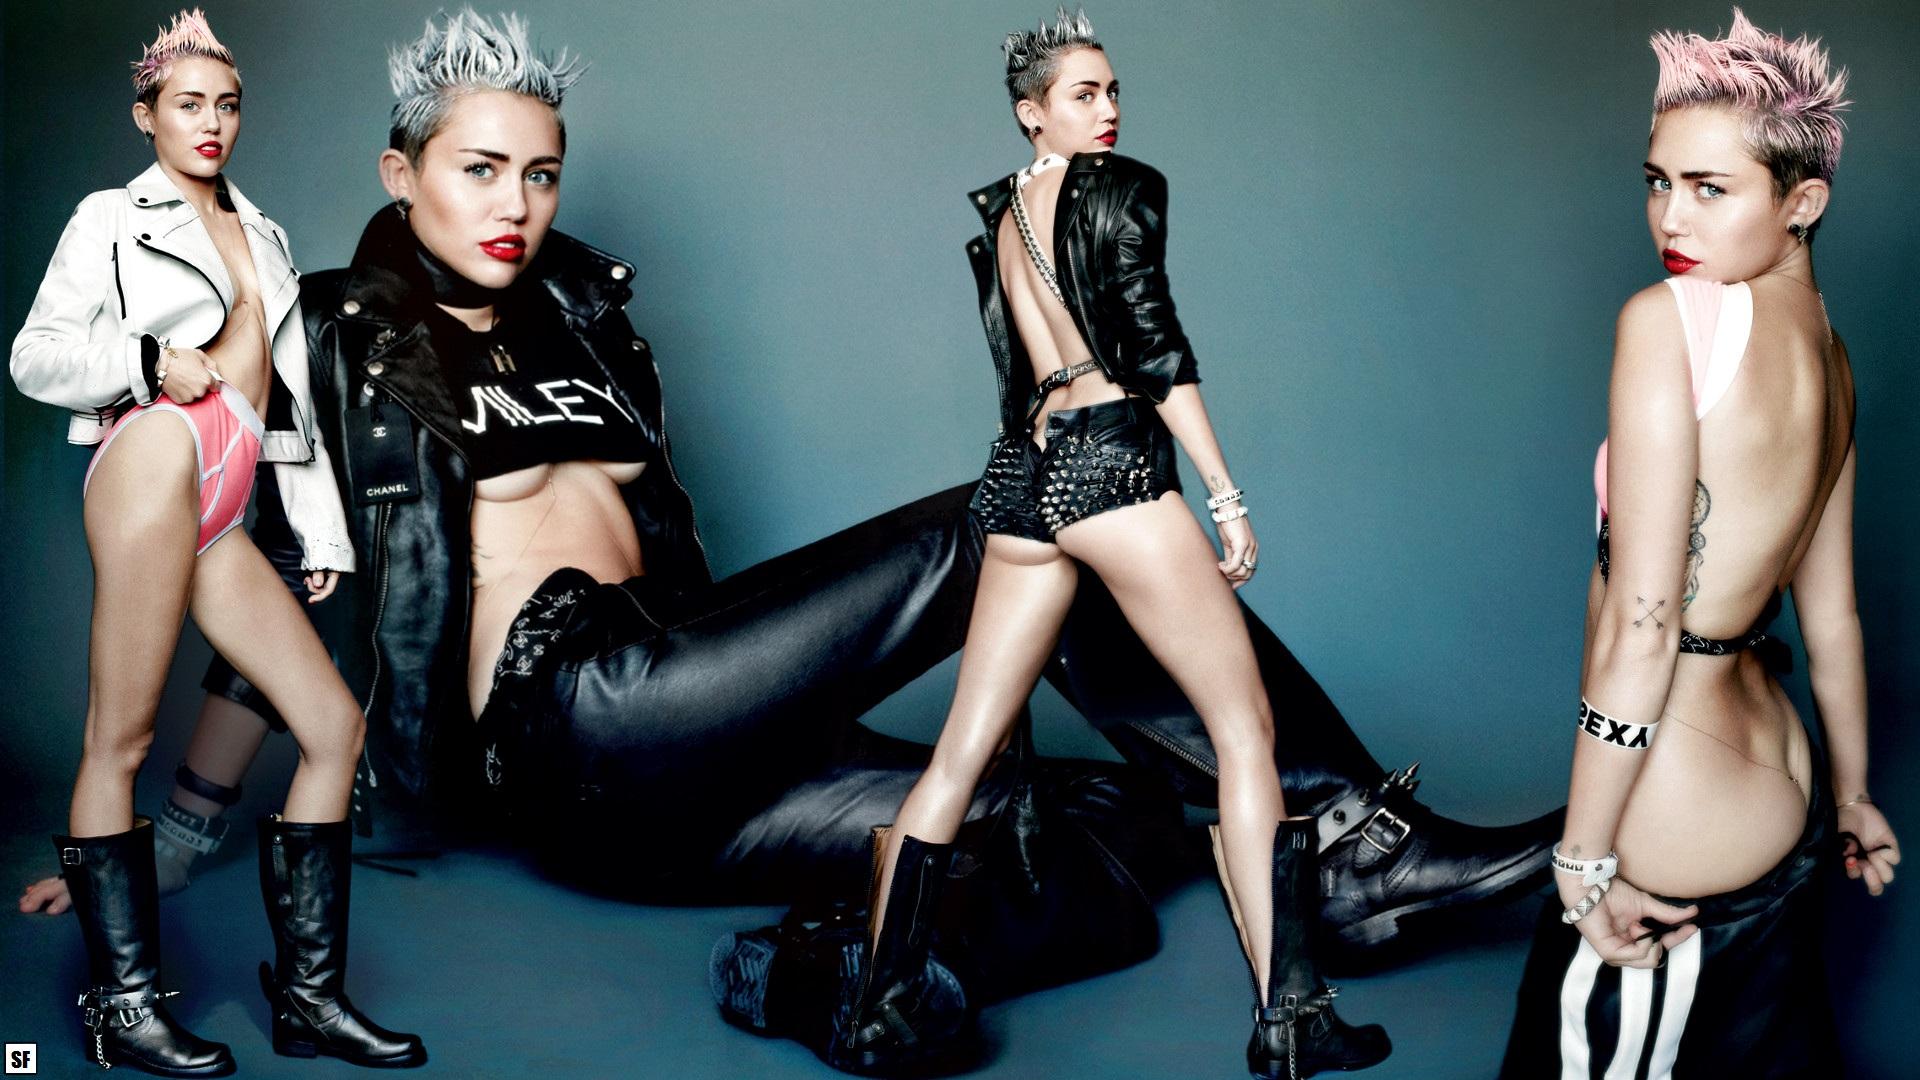 Miley cyrus hot foto hot von nichole